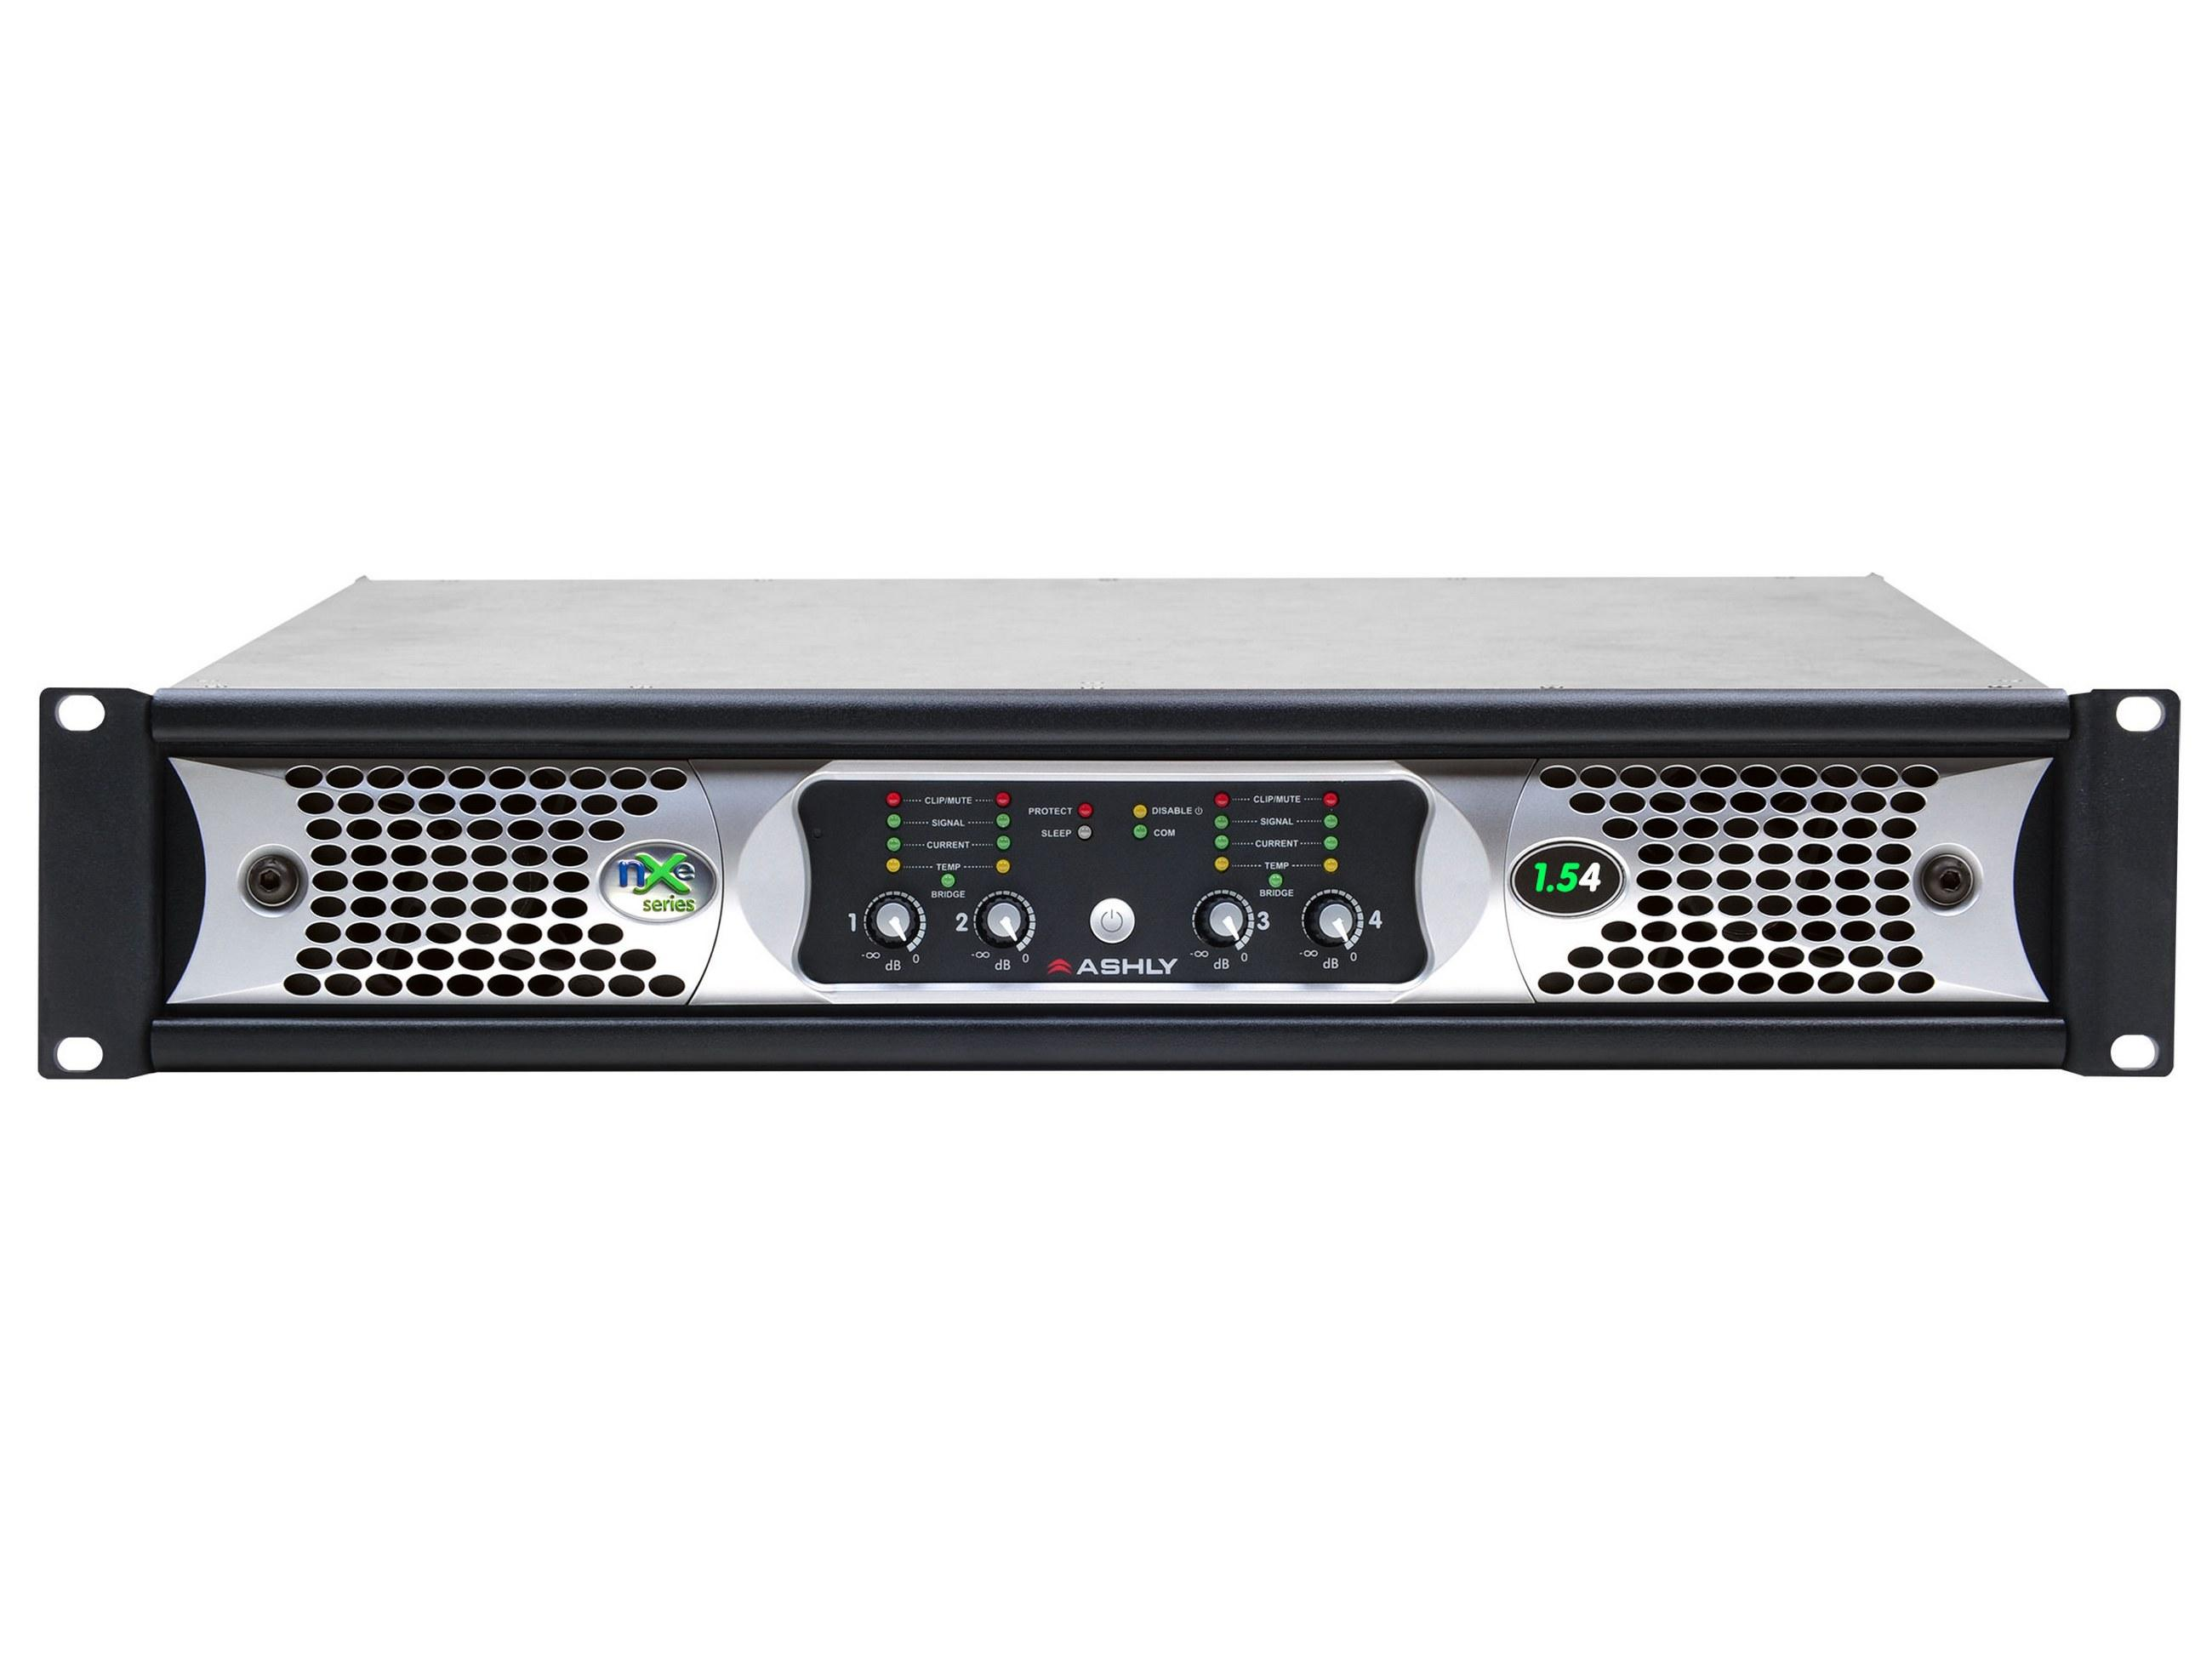 Ashly nXe1.54 Network Power Amplifier 4 x 1500 Watts/2 Ohms